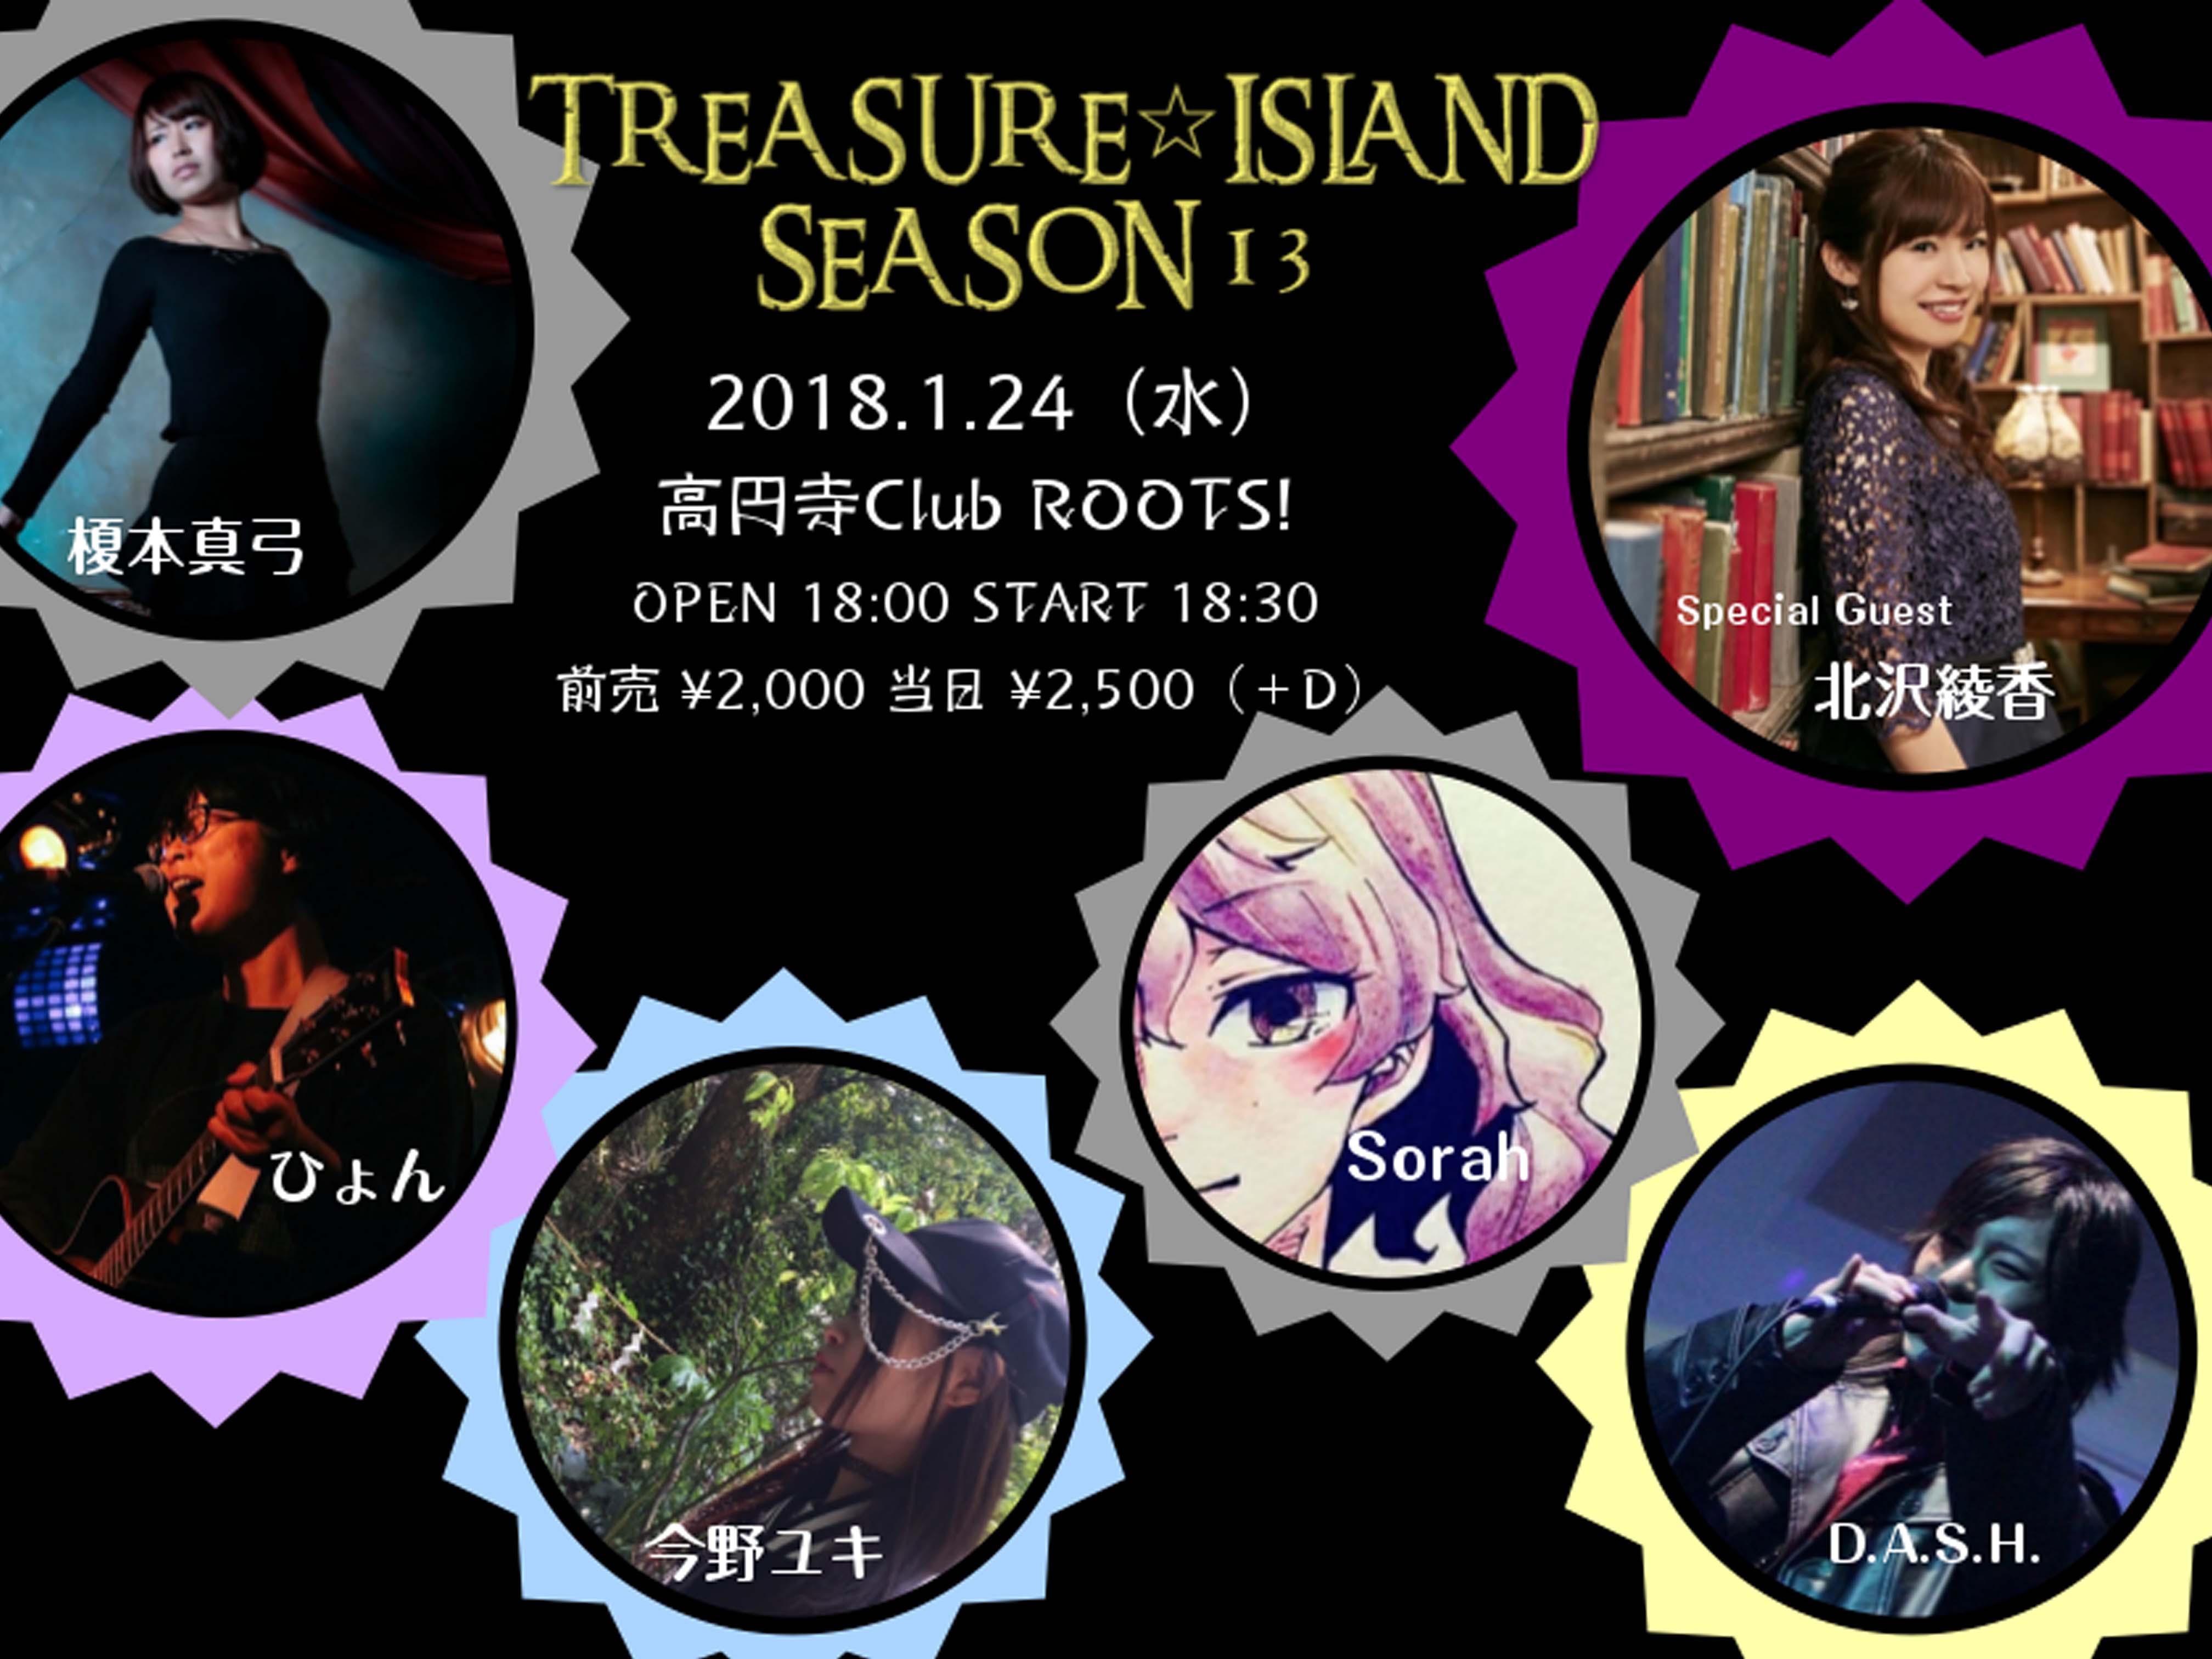 高円寺Club ROOTS!でライブ出演決定!